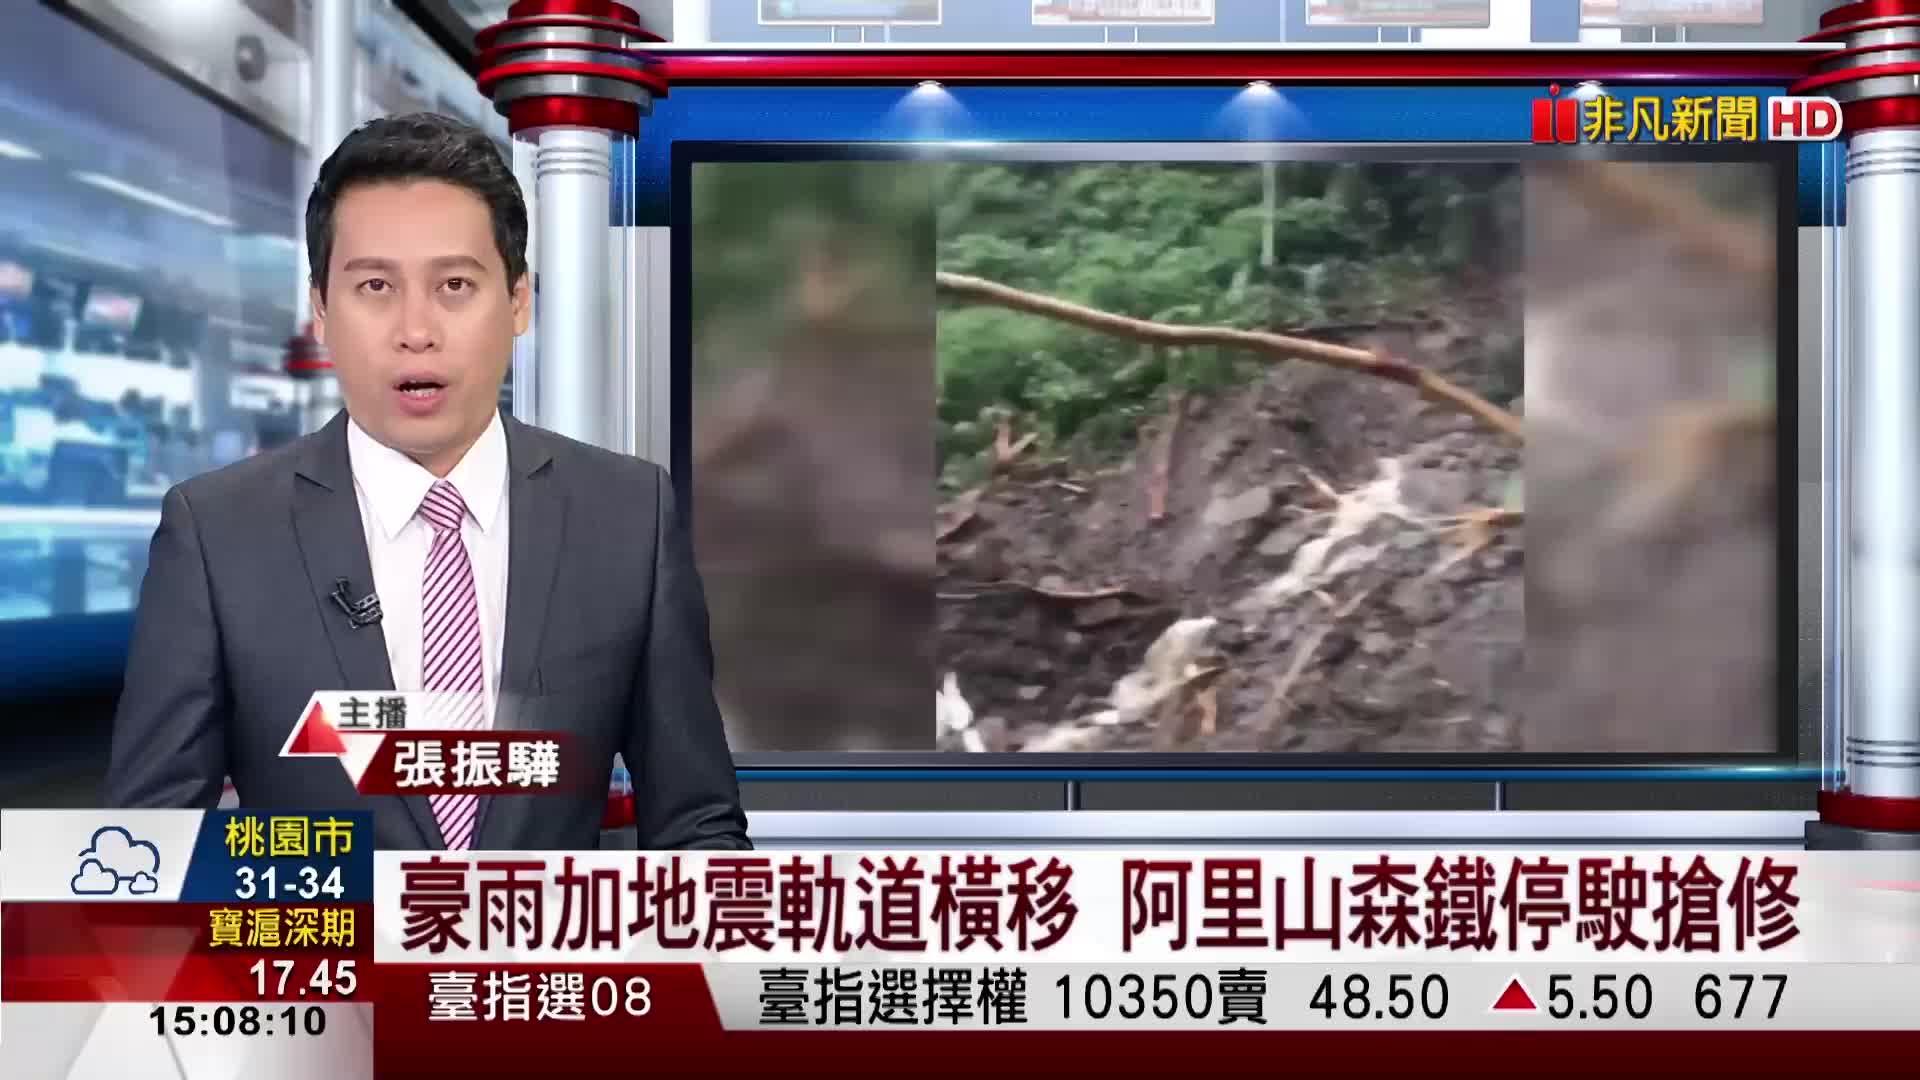 豪雨加地震軌道橫移 阿里山森鐵停駛搶修